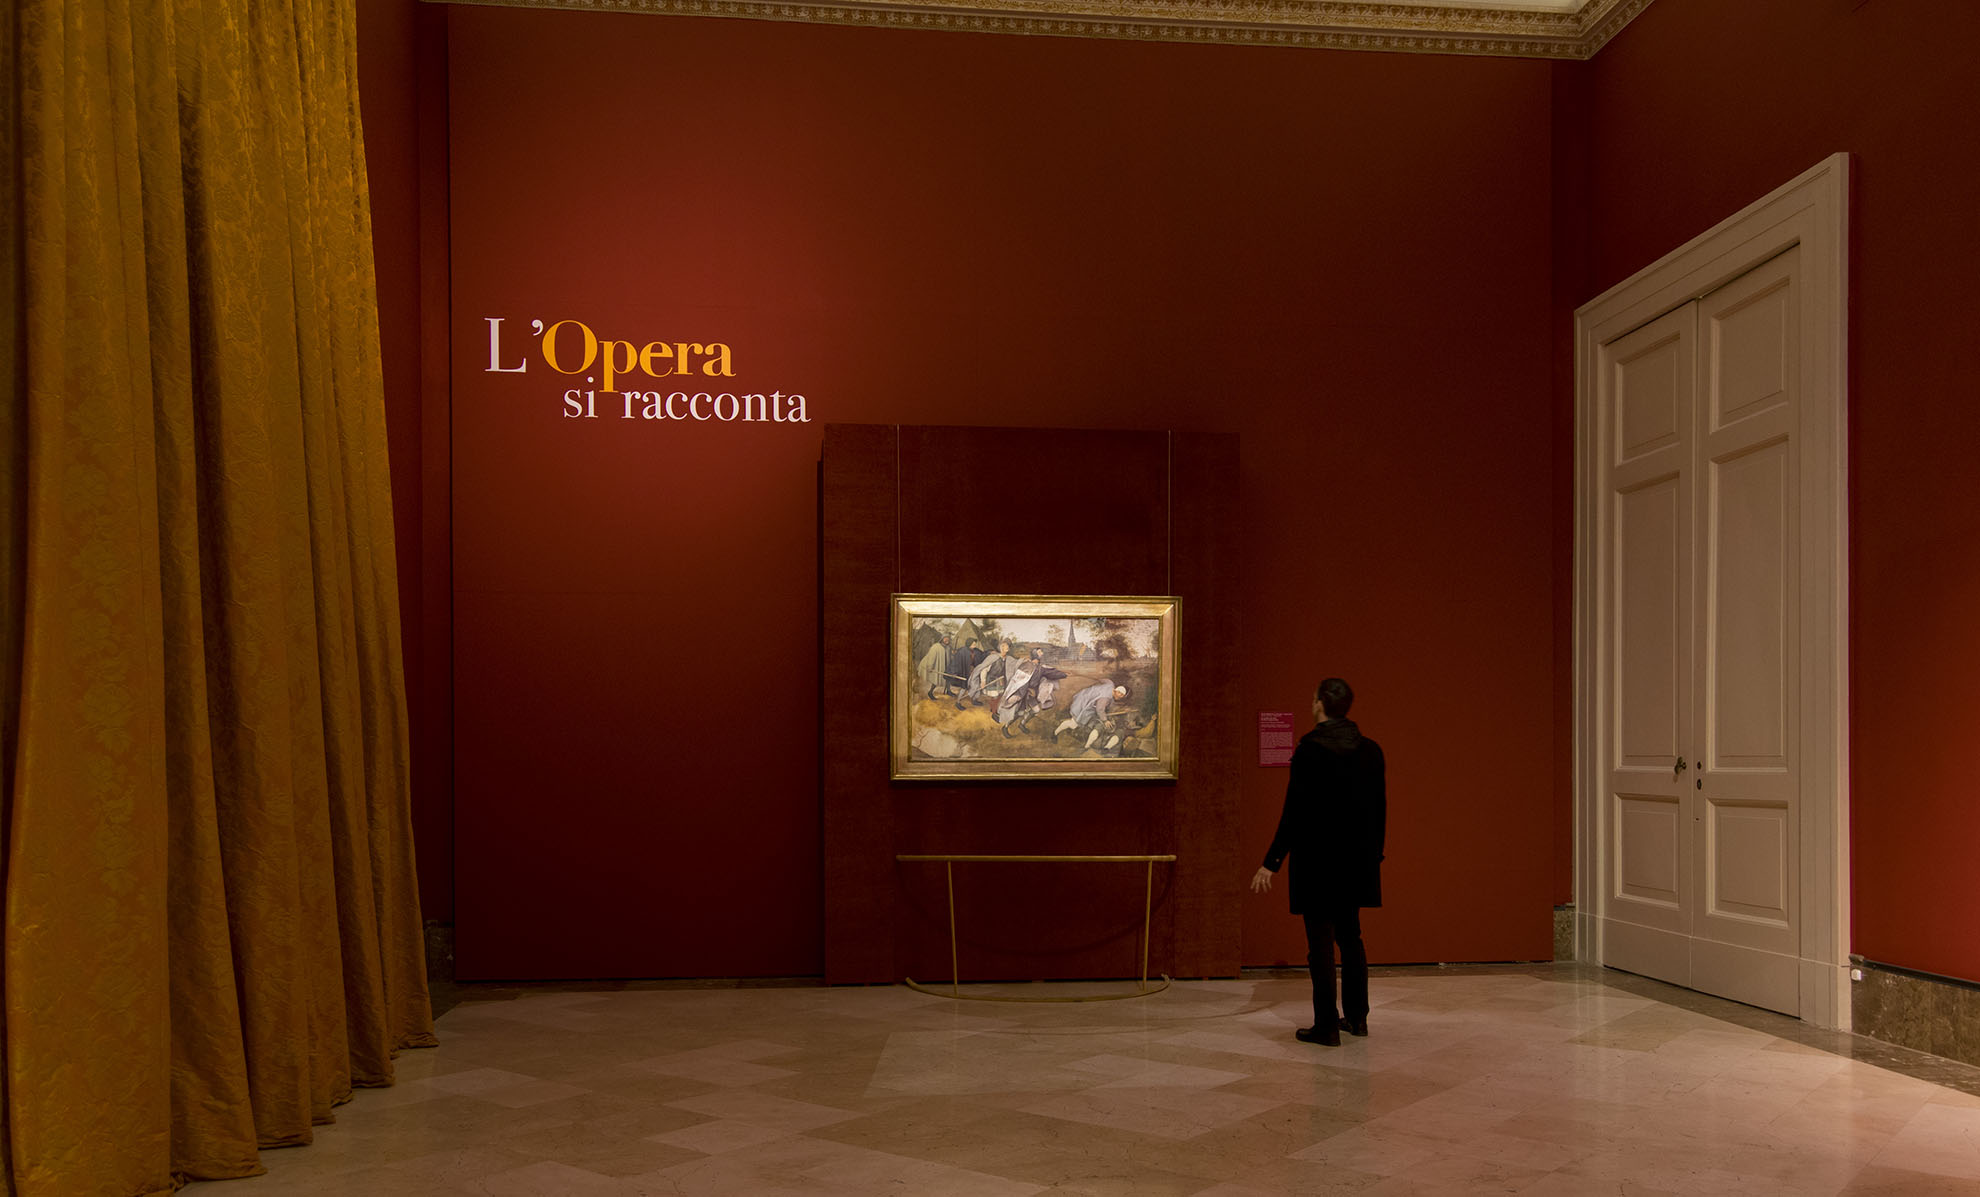 L'Opera si Racconta, Bruegel - Foto Alessio Cuccaro 01